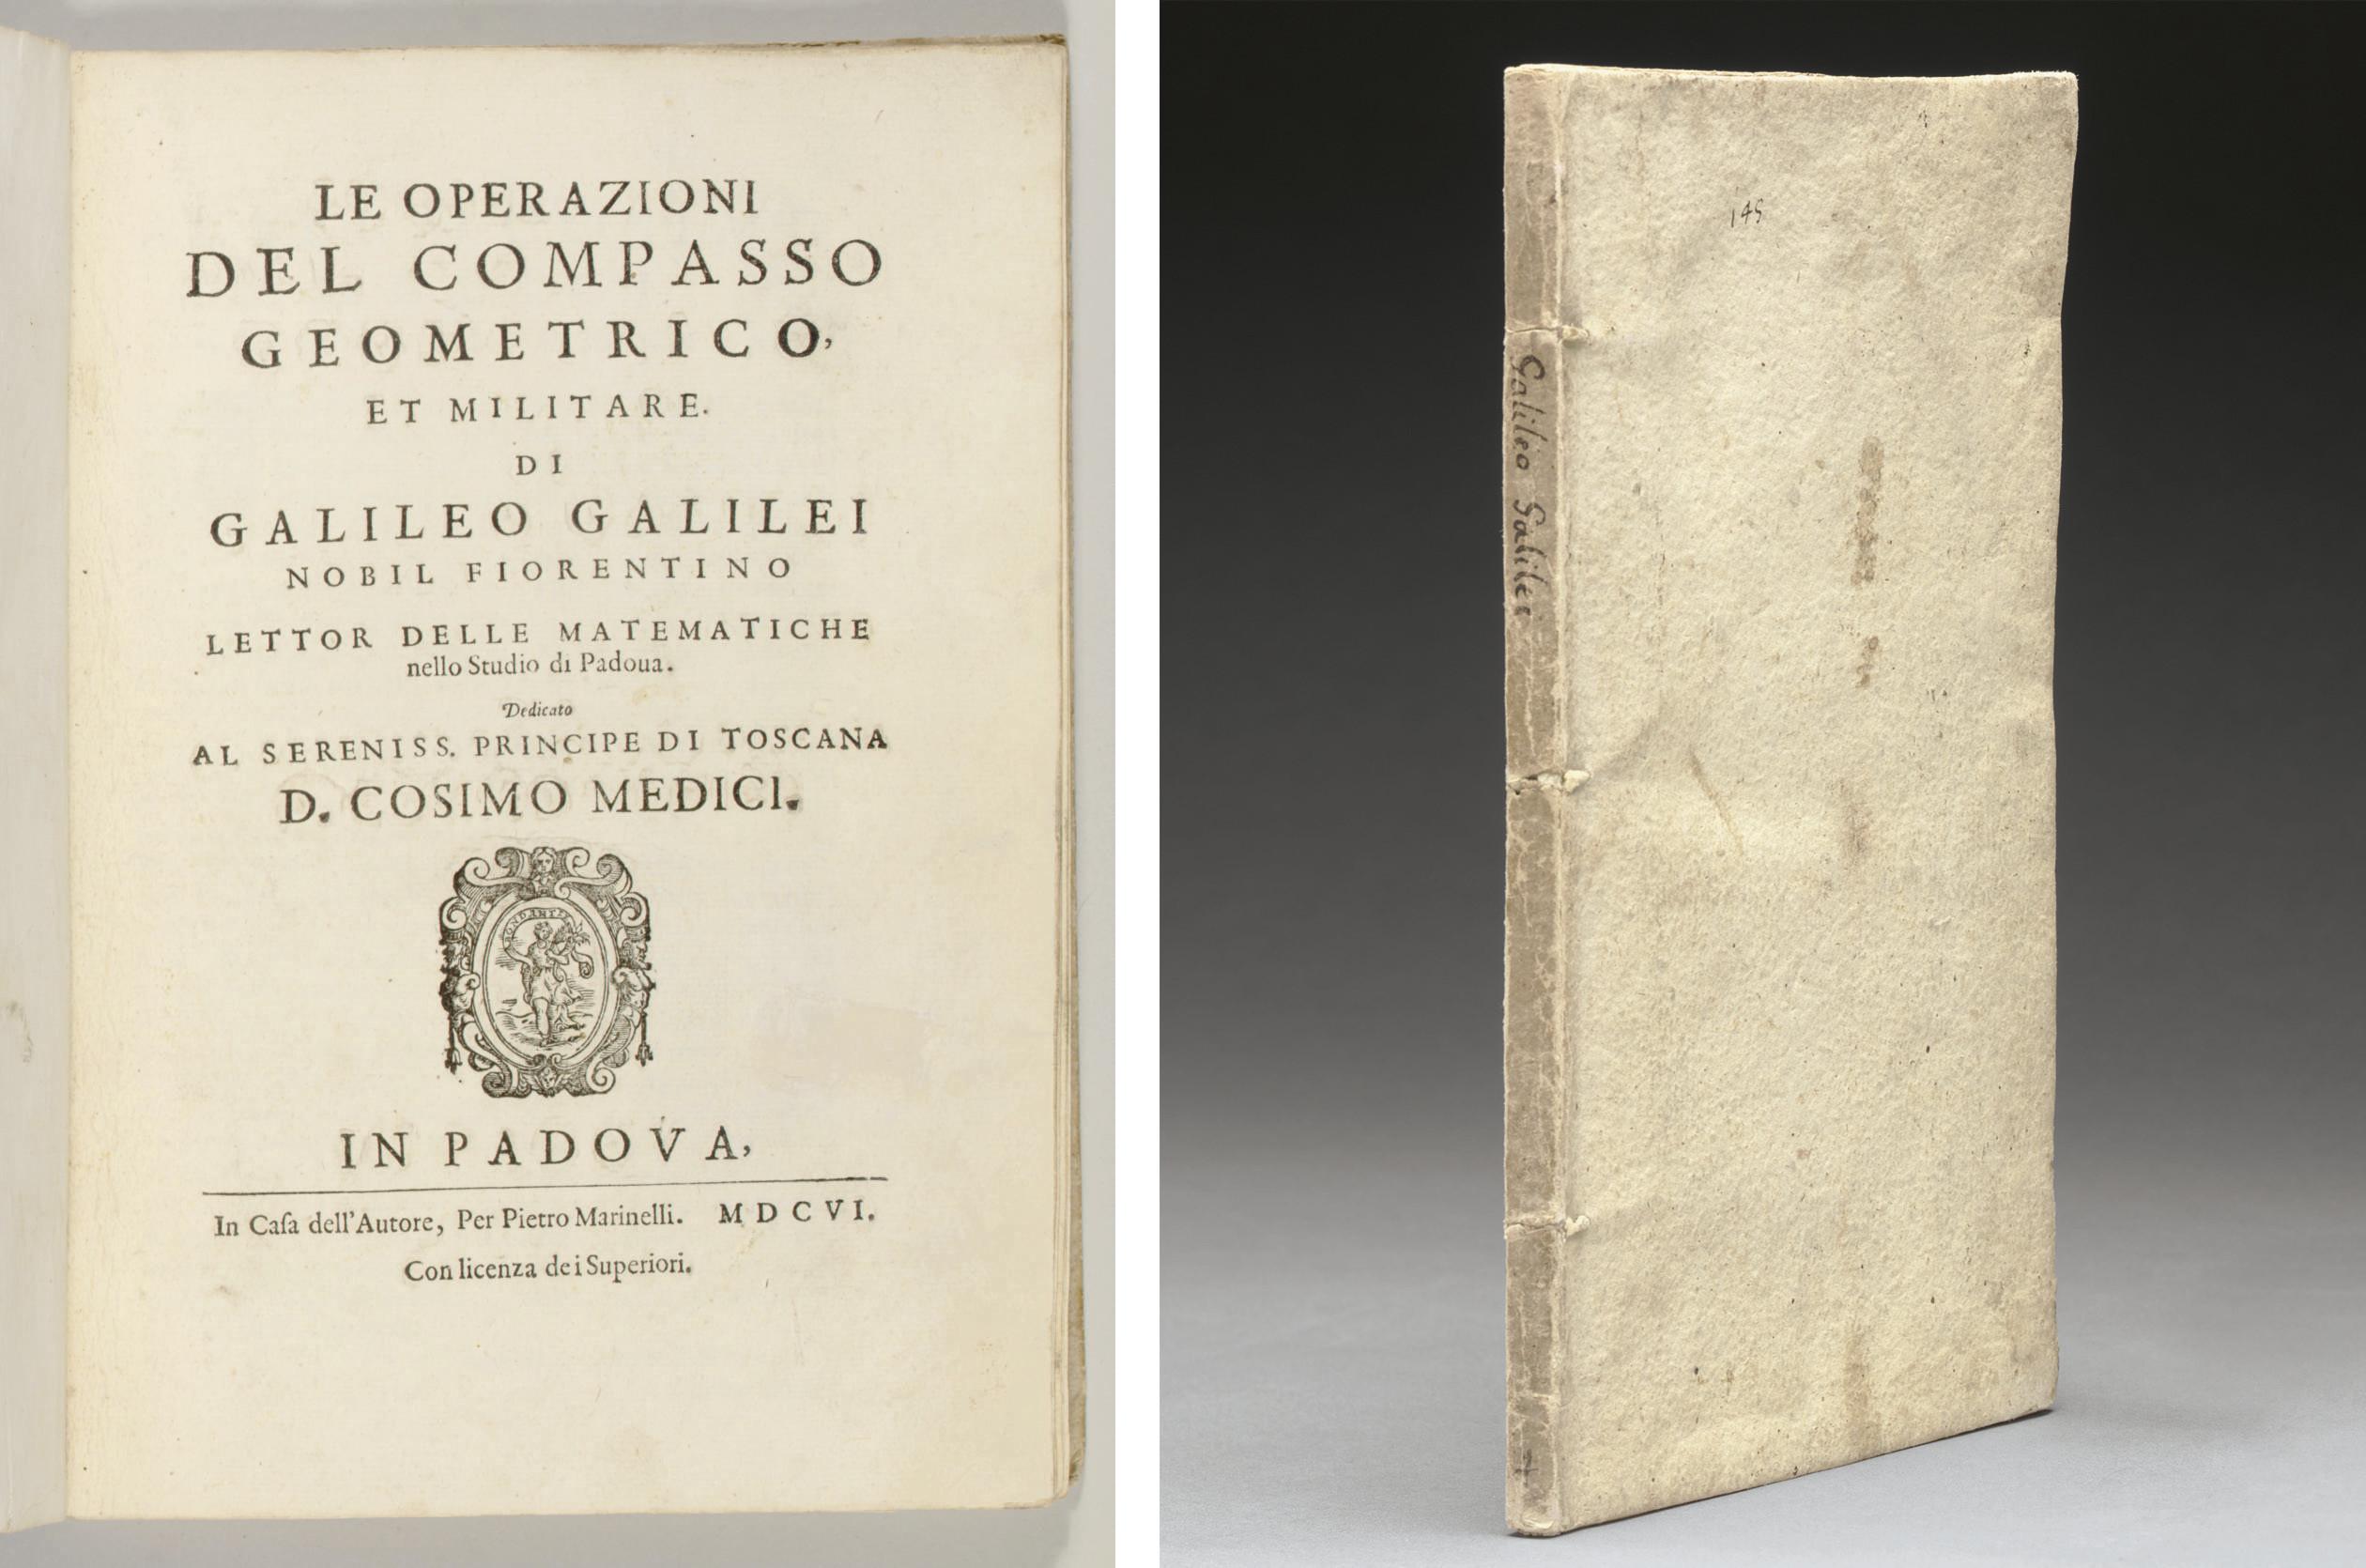 GALILEI, Galileo (1564-1642). Le operazioni del compasso geometrico, et militare. Padova: in the house of the author by Pietro Marinelli, 1606.